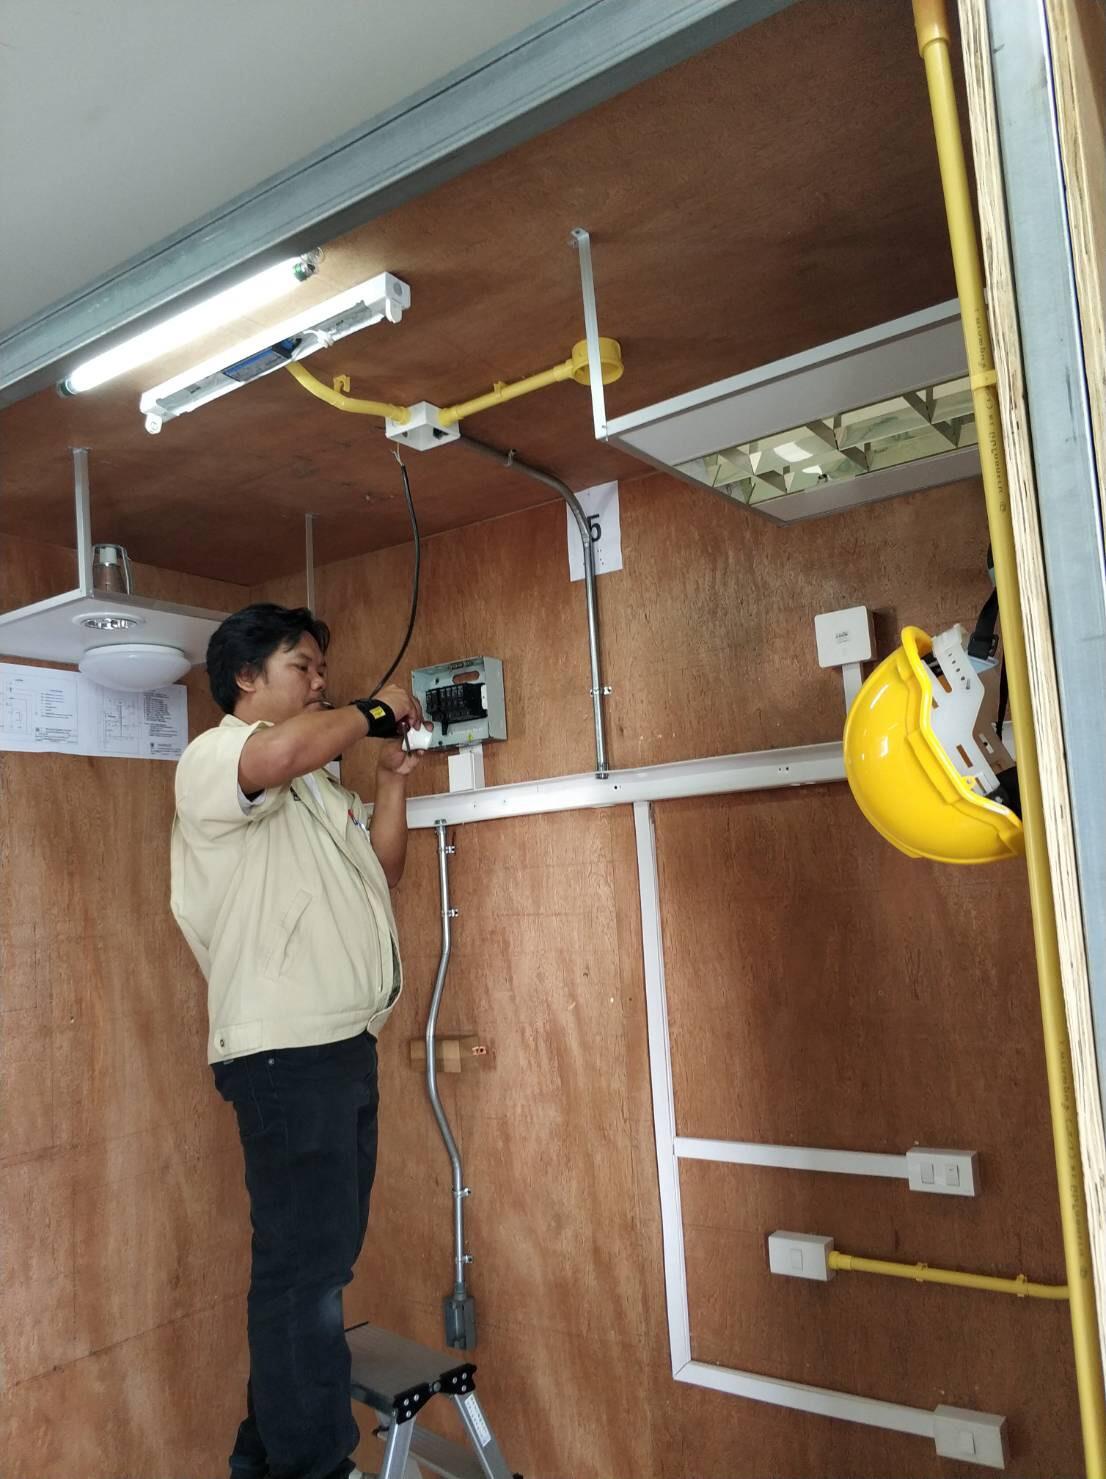 หลักสูตร ช่างไฟฟ้าภายในอาคารระดับ 2